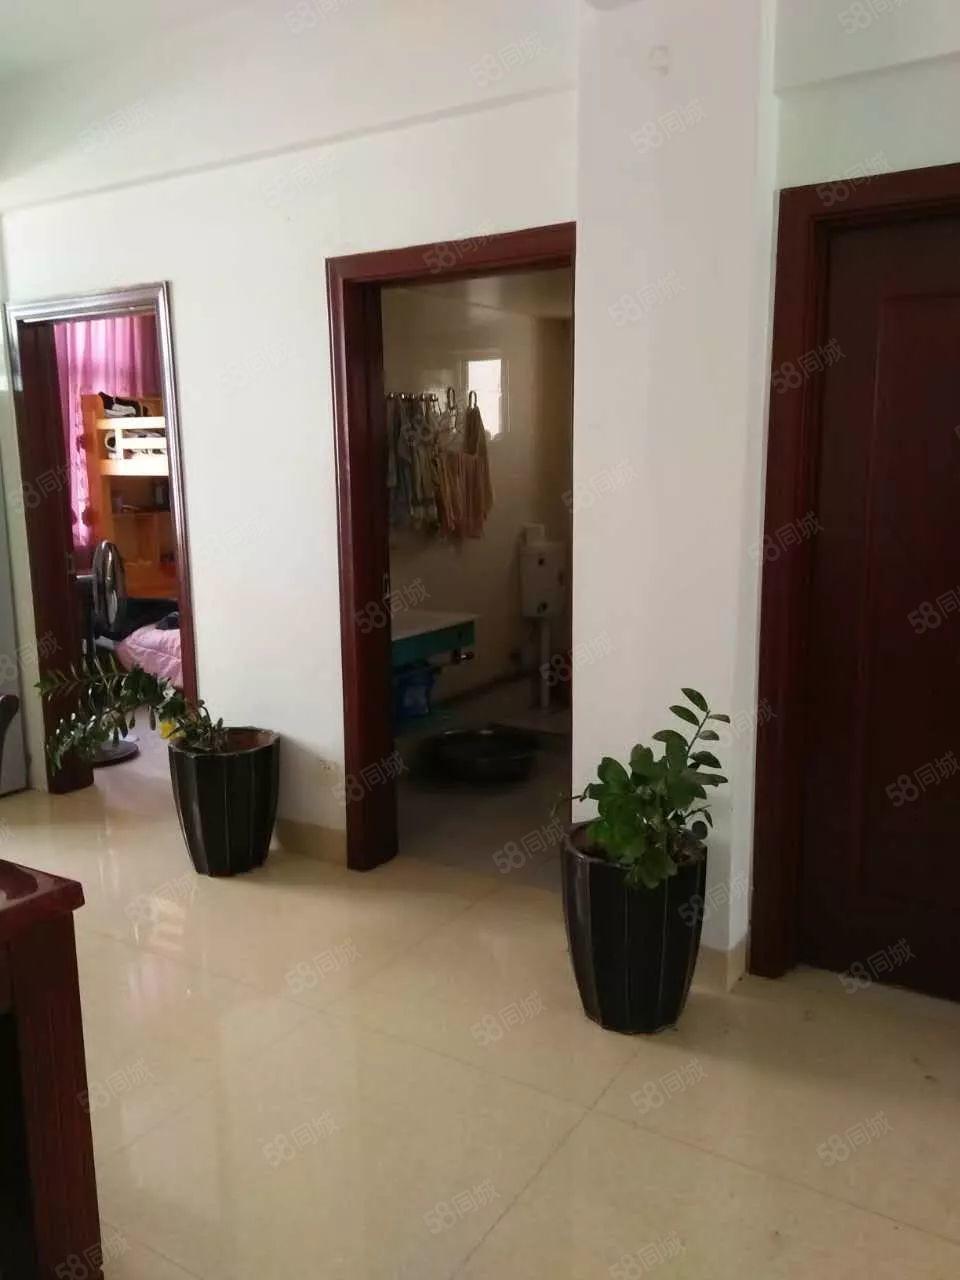 文汇苑经典小三室,新装修,全新家具家电,拎包就可以入住